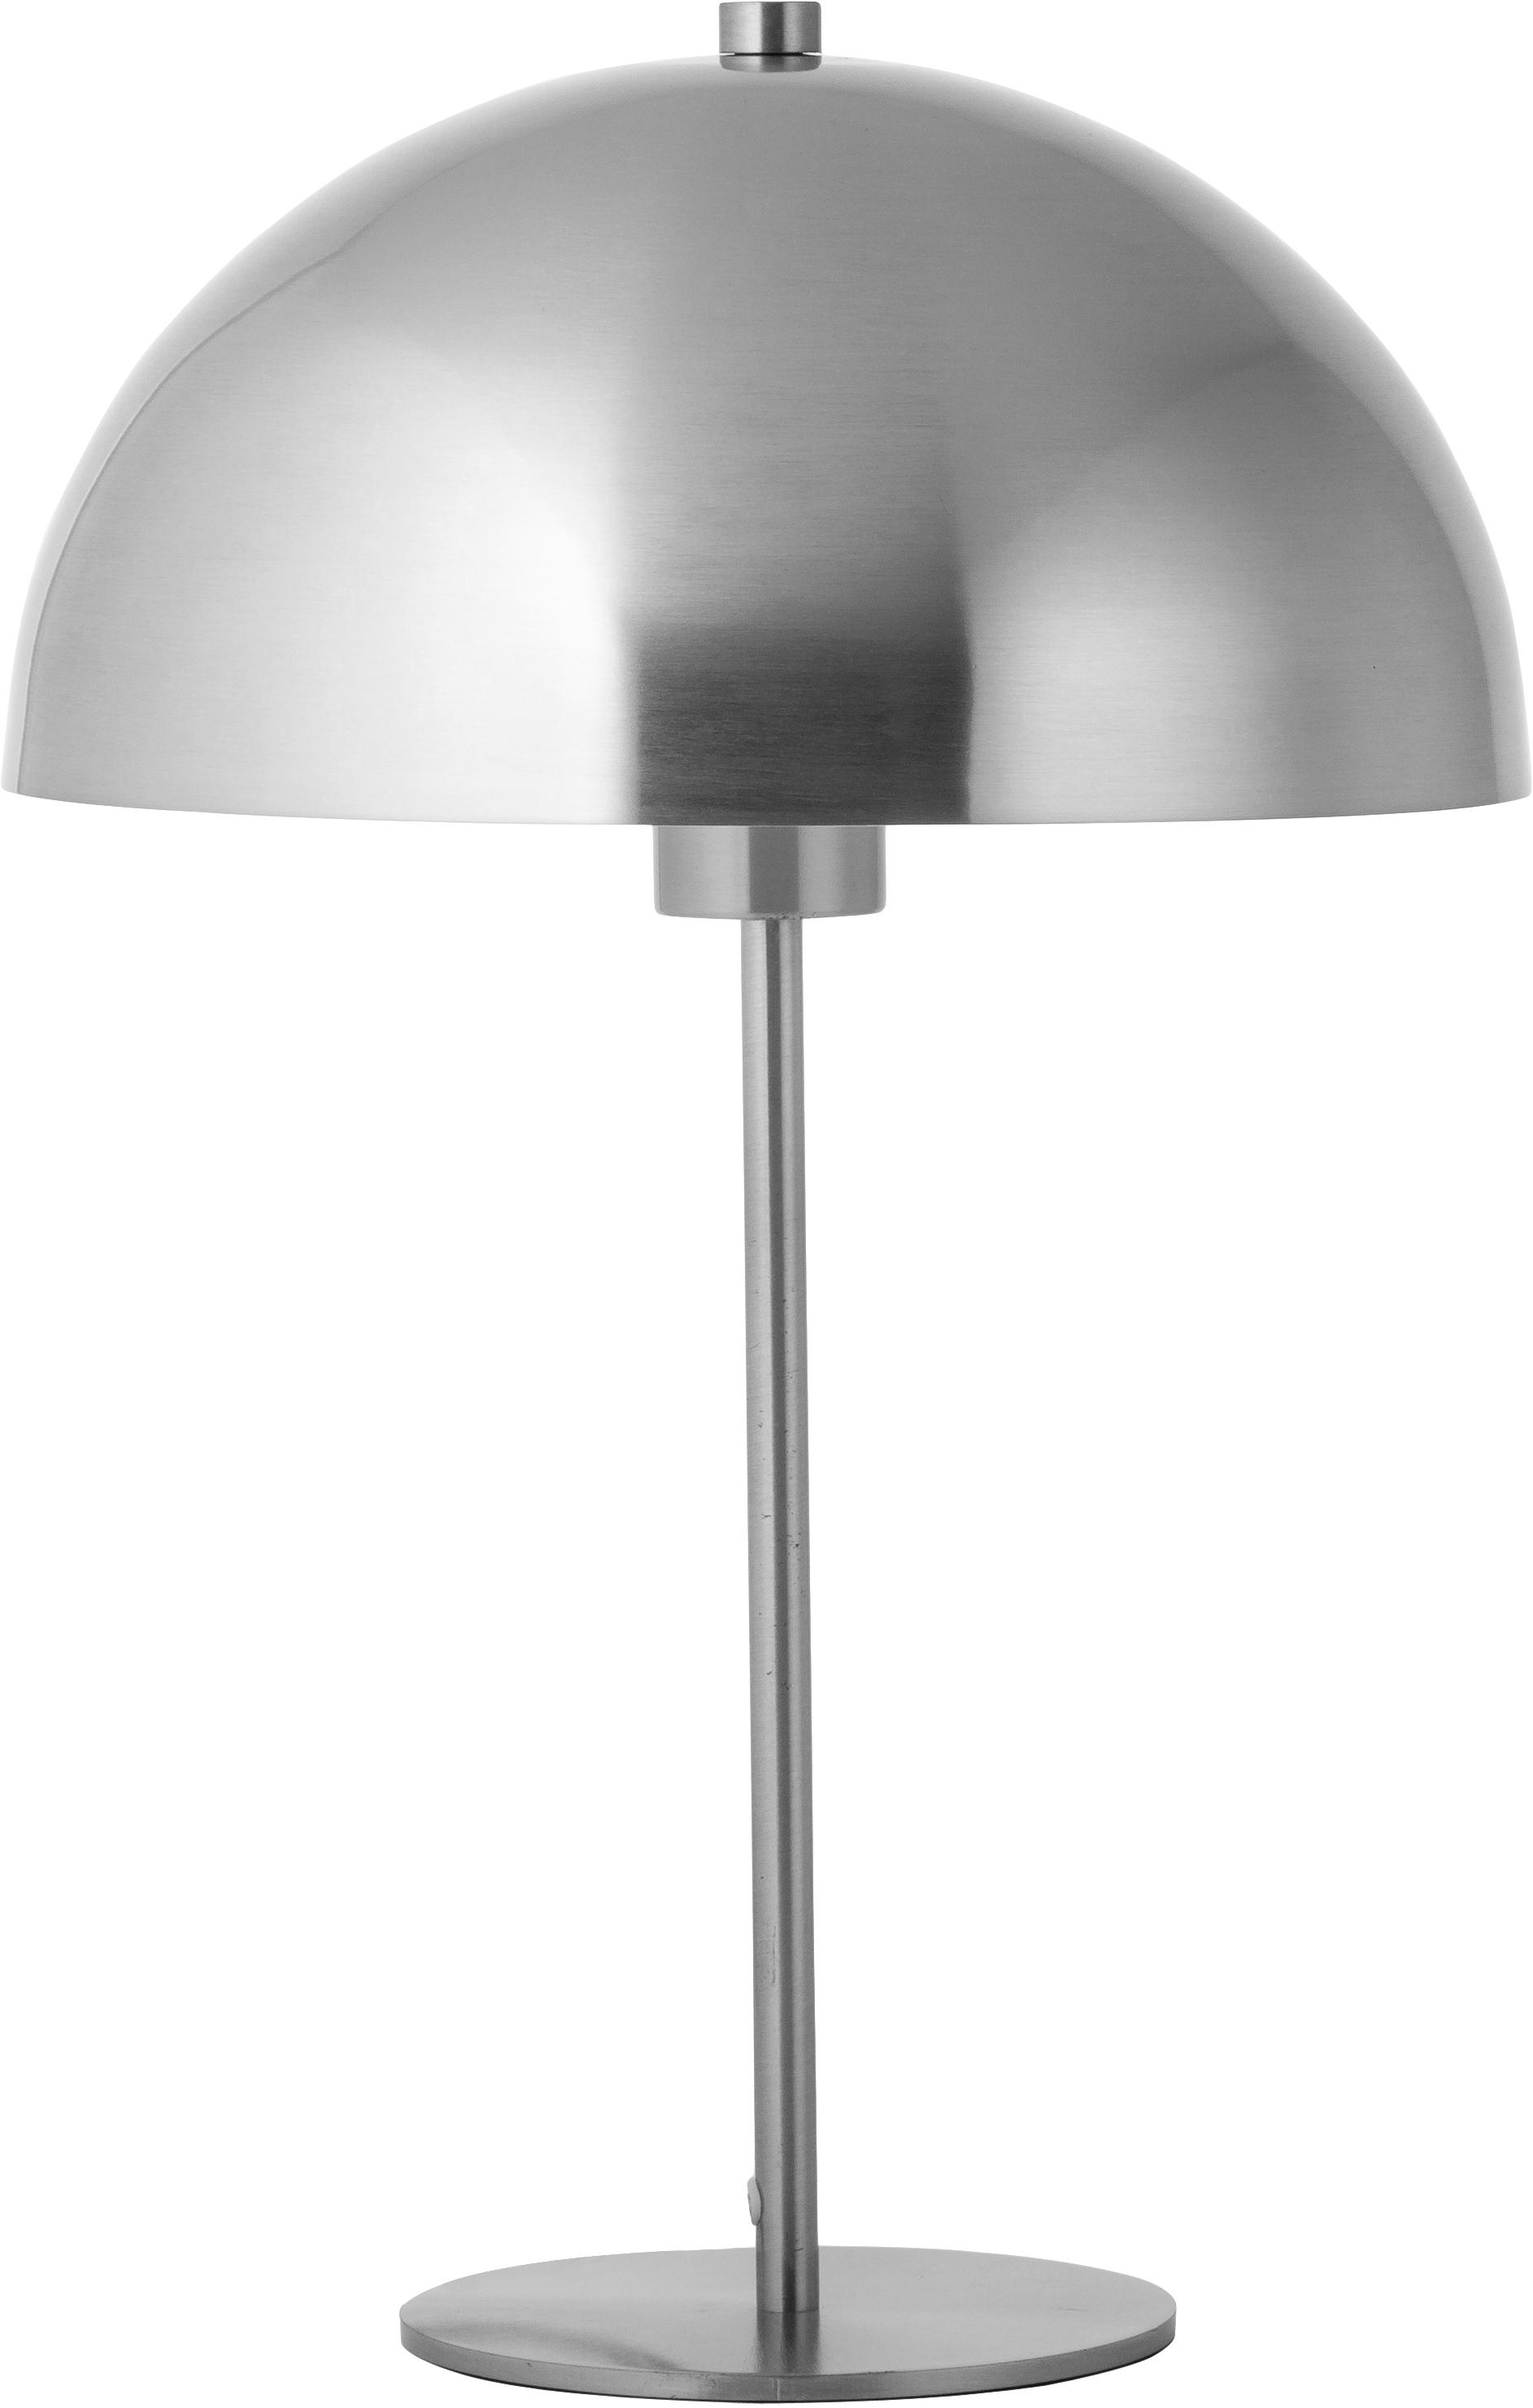 Tafellamp Matilda, Lampenkap: vernikkeld metaal, Lampvoet: vernikkeld metaal, Nikkelkleurig, Ø 29 x H 45 cm